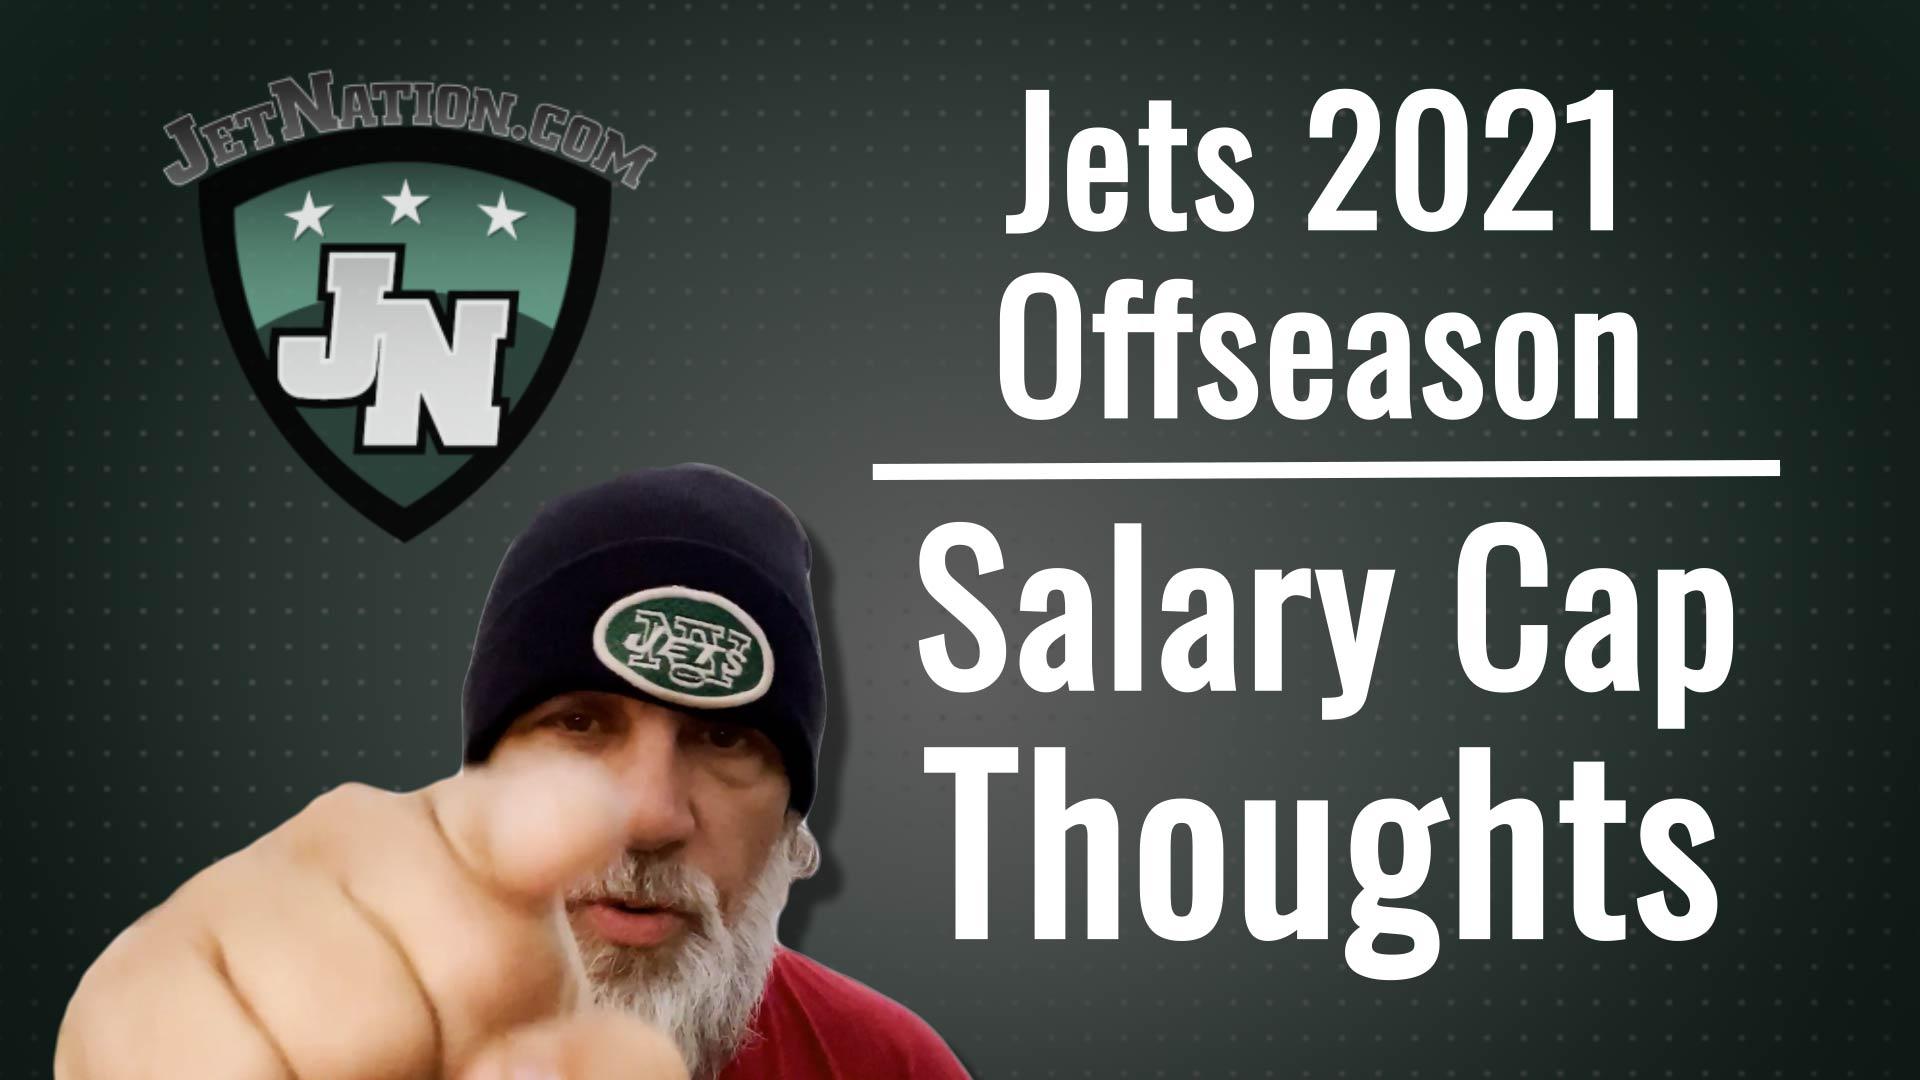 NY Jets Salary Cap